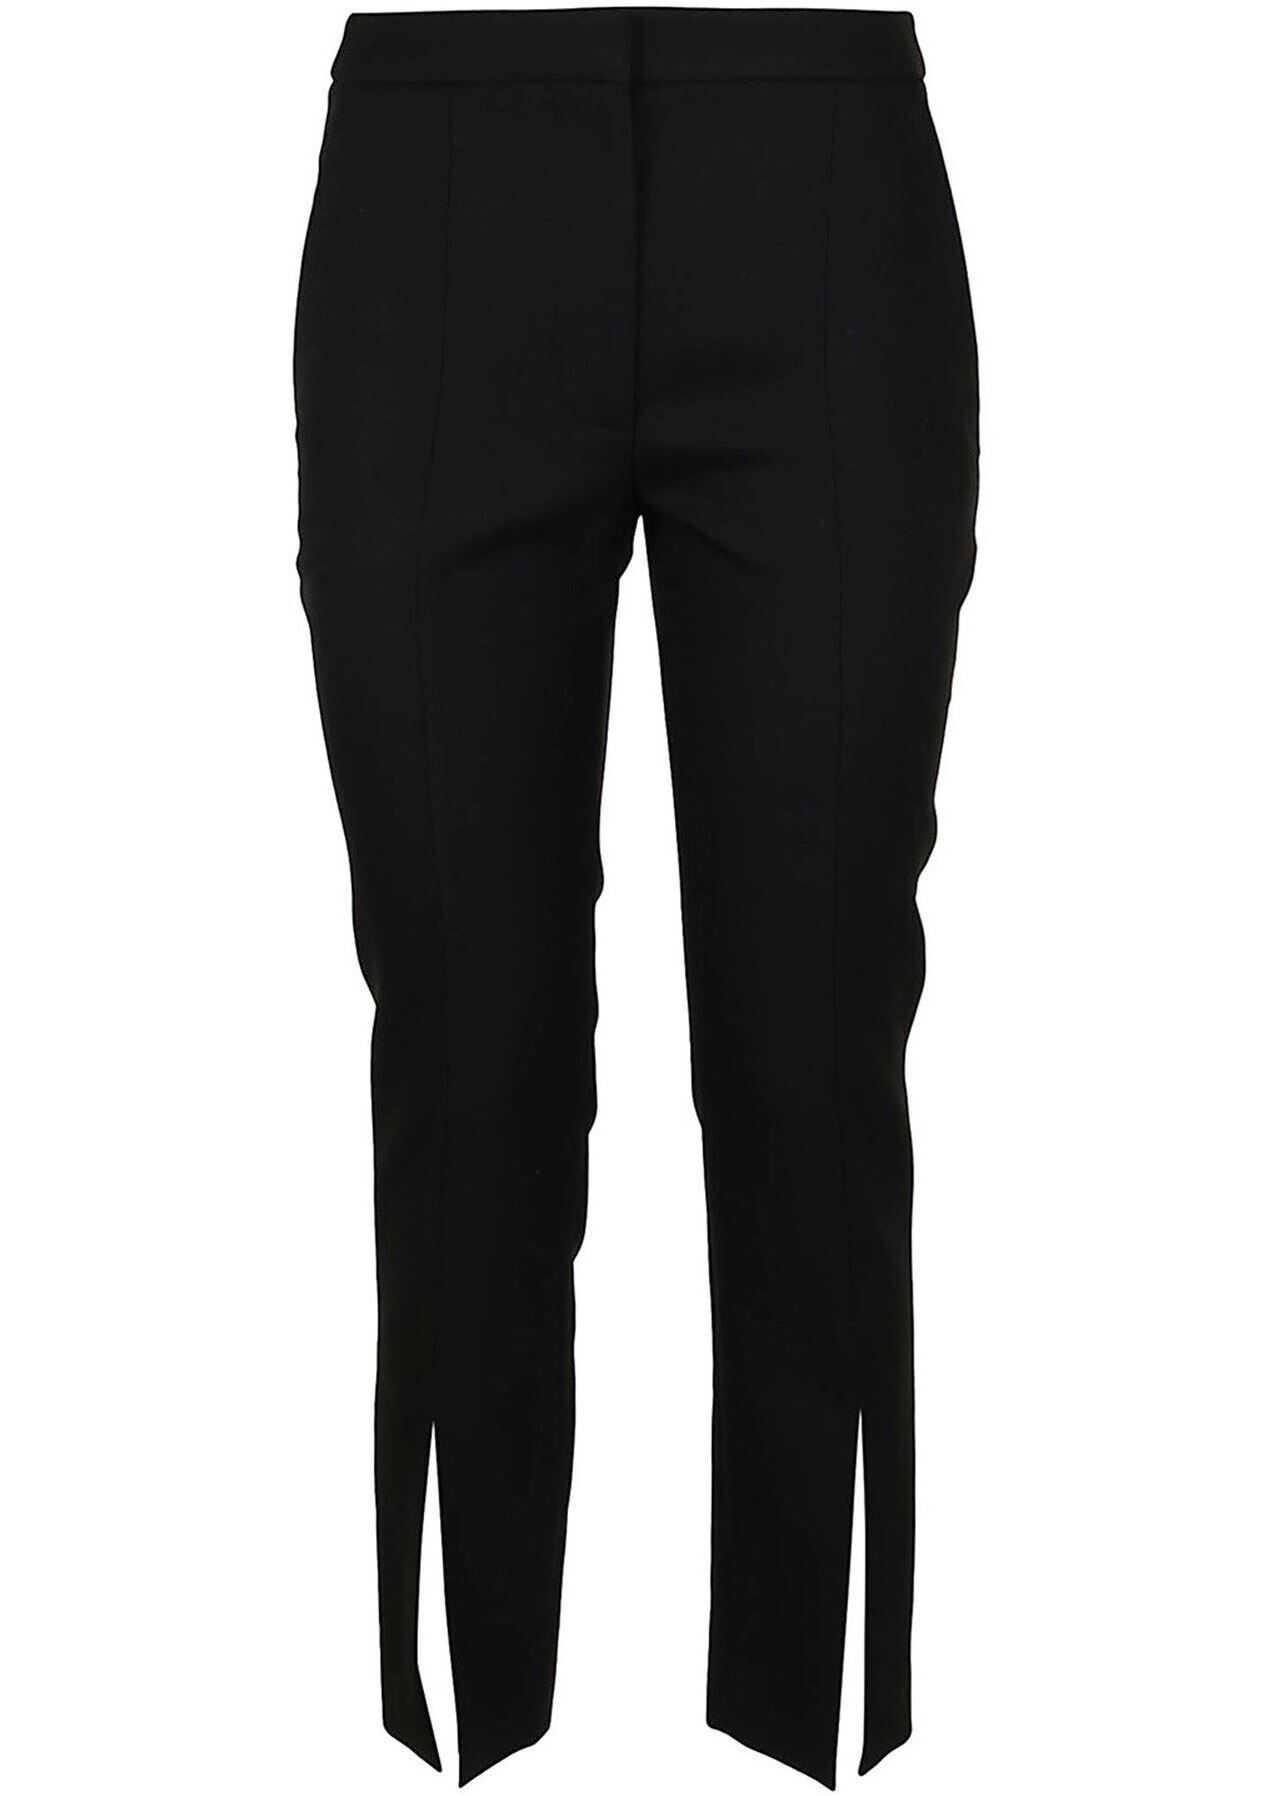 Alexander McQueen Front Vents Pants In Black Black